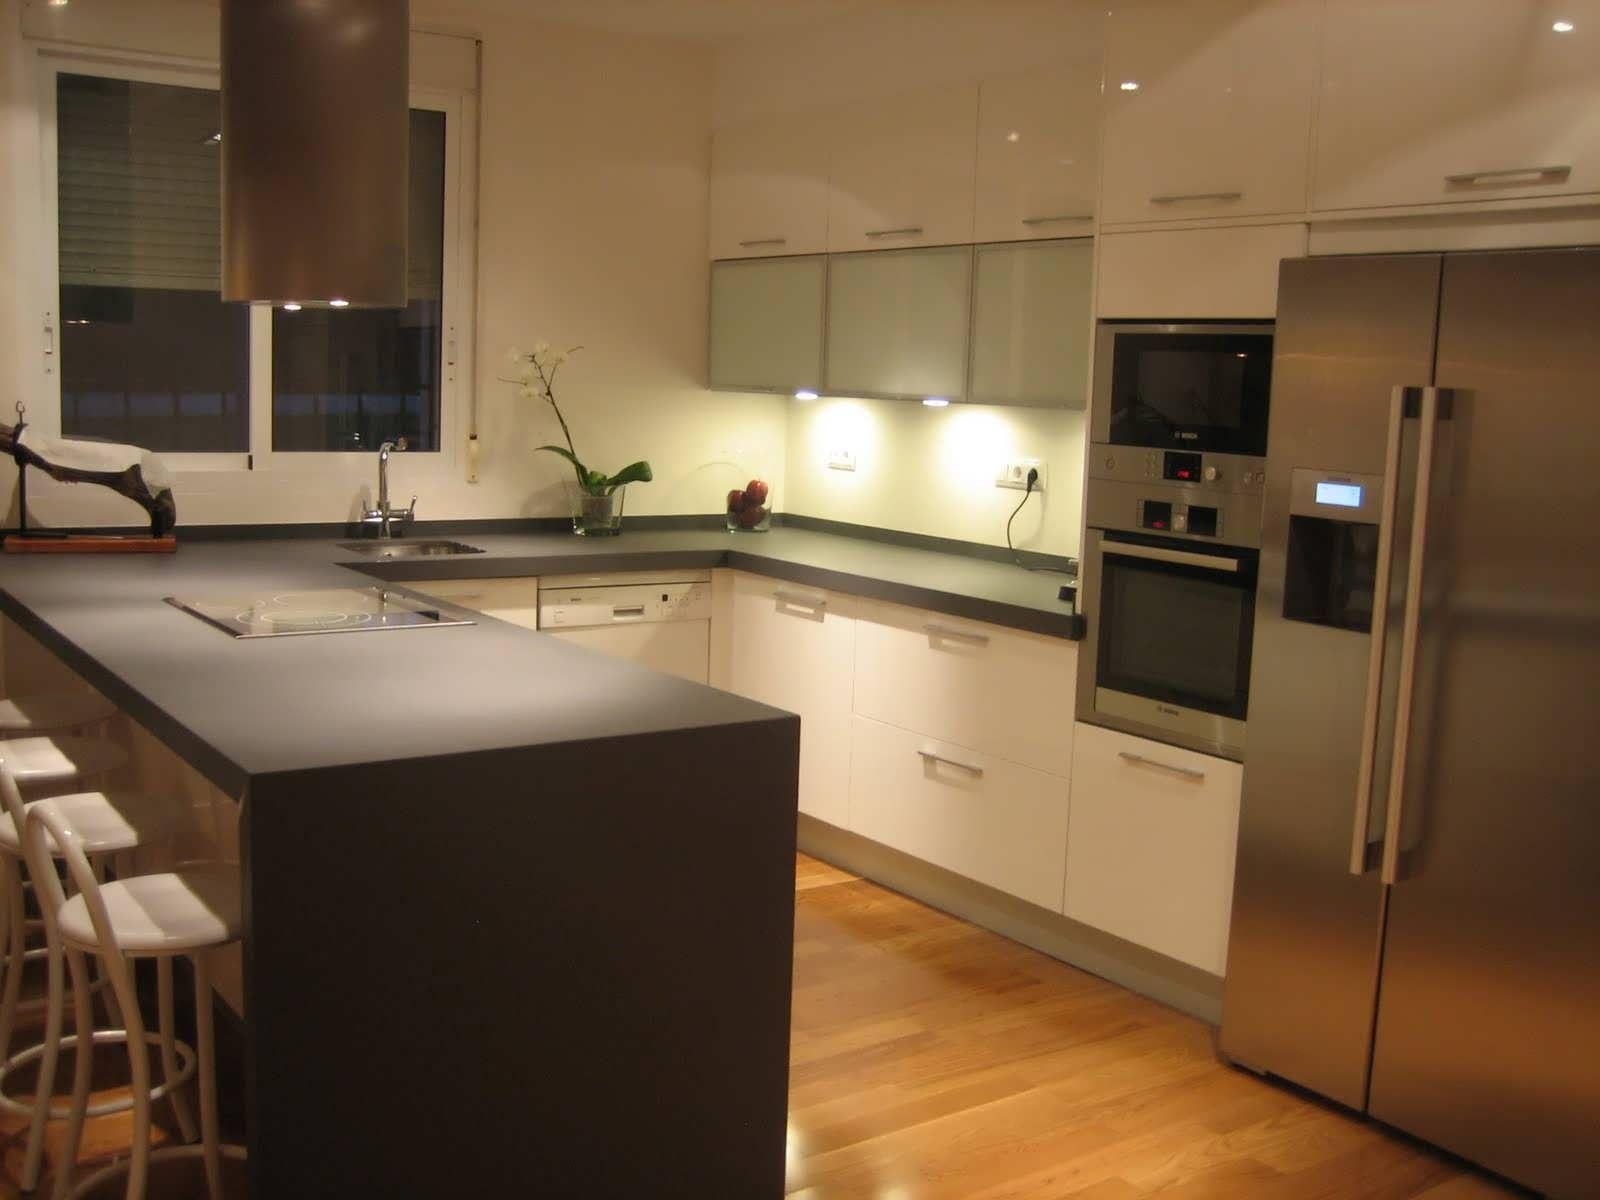 diseño-de-cocinas-pequeñas-y-funcionales-y-diseño-de-interiores-de ...